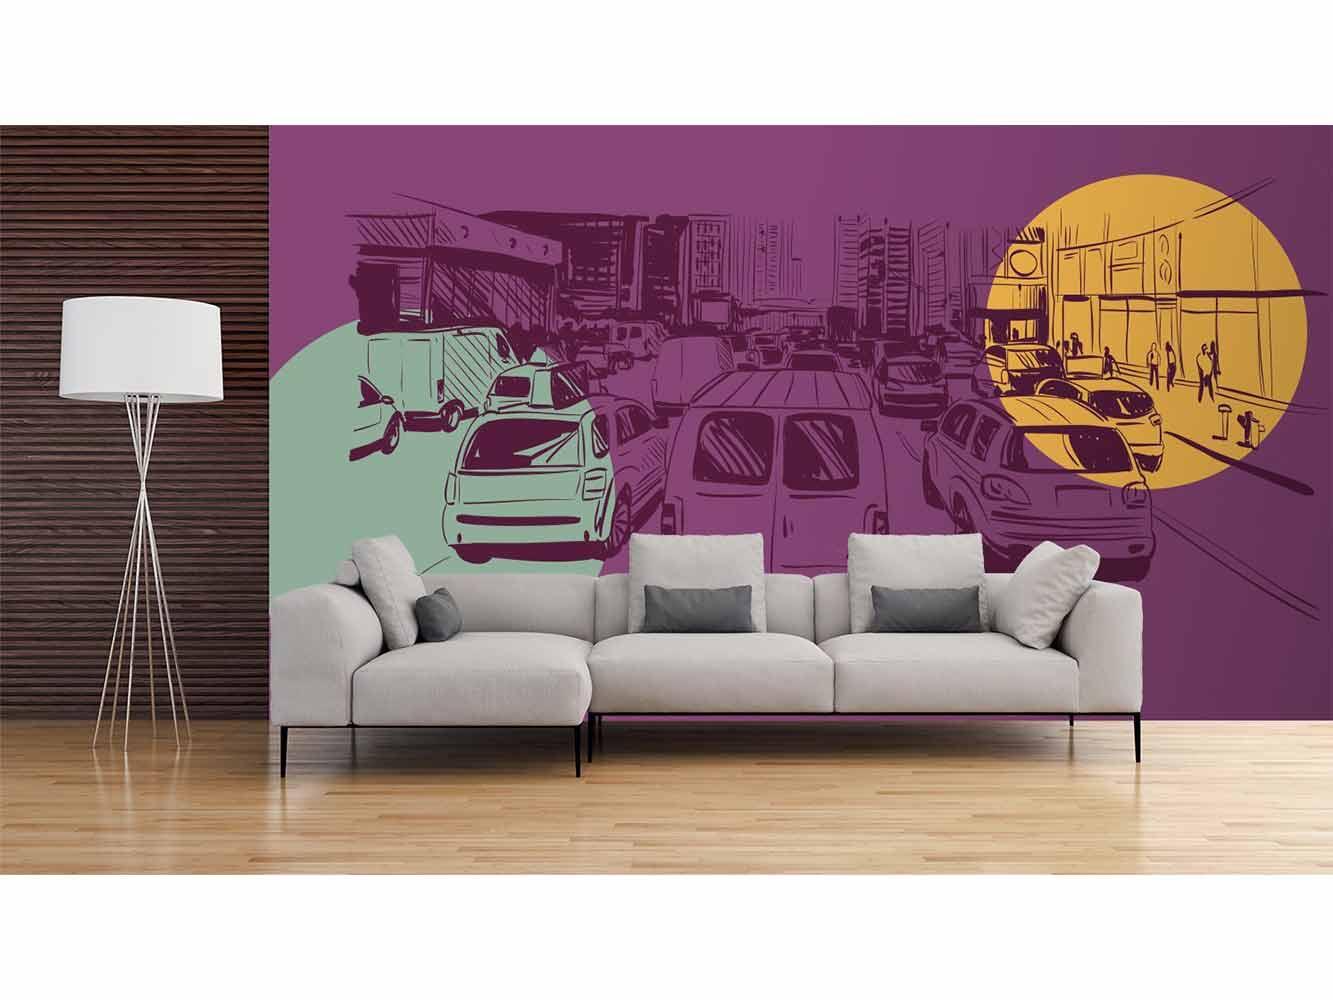 Fotomural Papel Pintado Cómic Tráfico | Carteles XXL - Impresión carteleria publicitaria